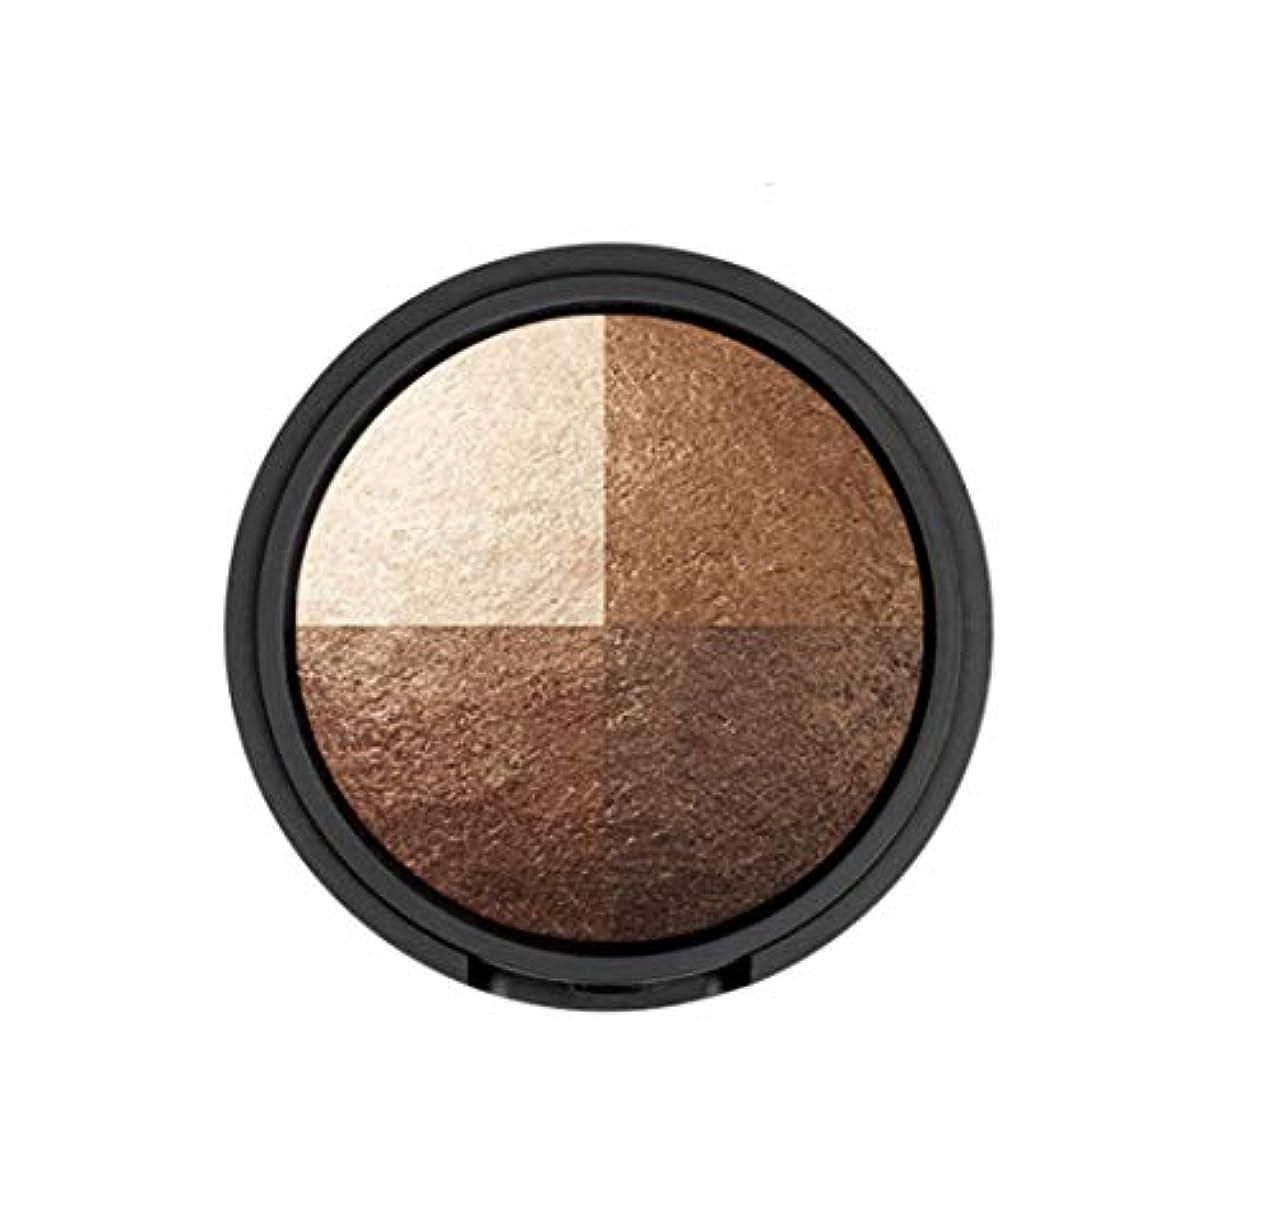 建築家本質的にフェミニンWAKEMAKE Eye Styler Eyeshadow 4色のアイシャドウパレット#7 REAL BROWN(並行輸入品)